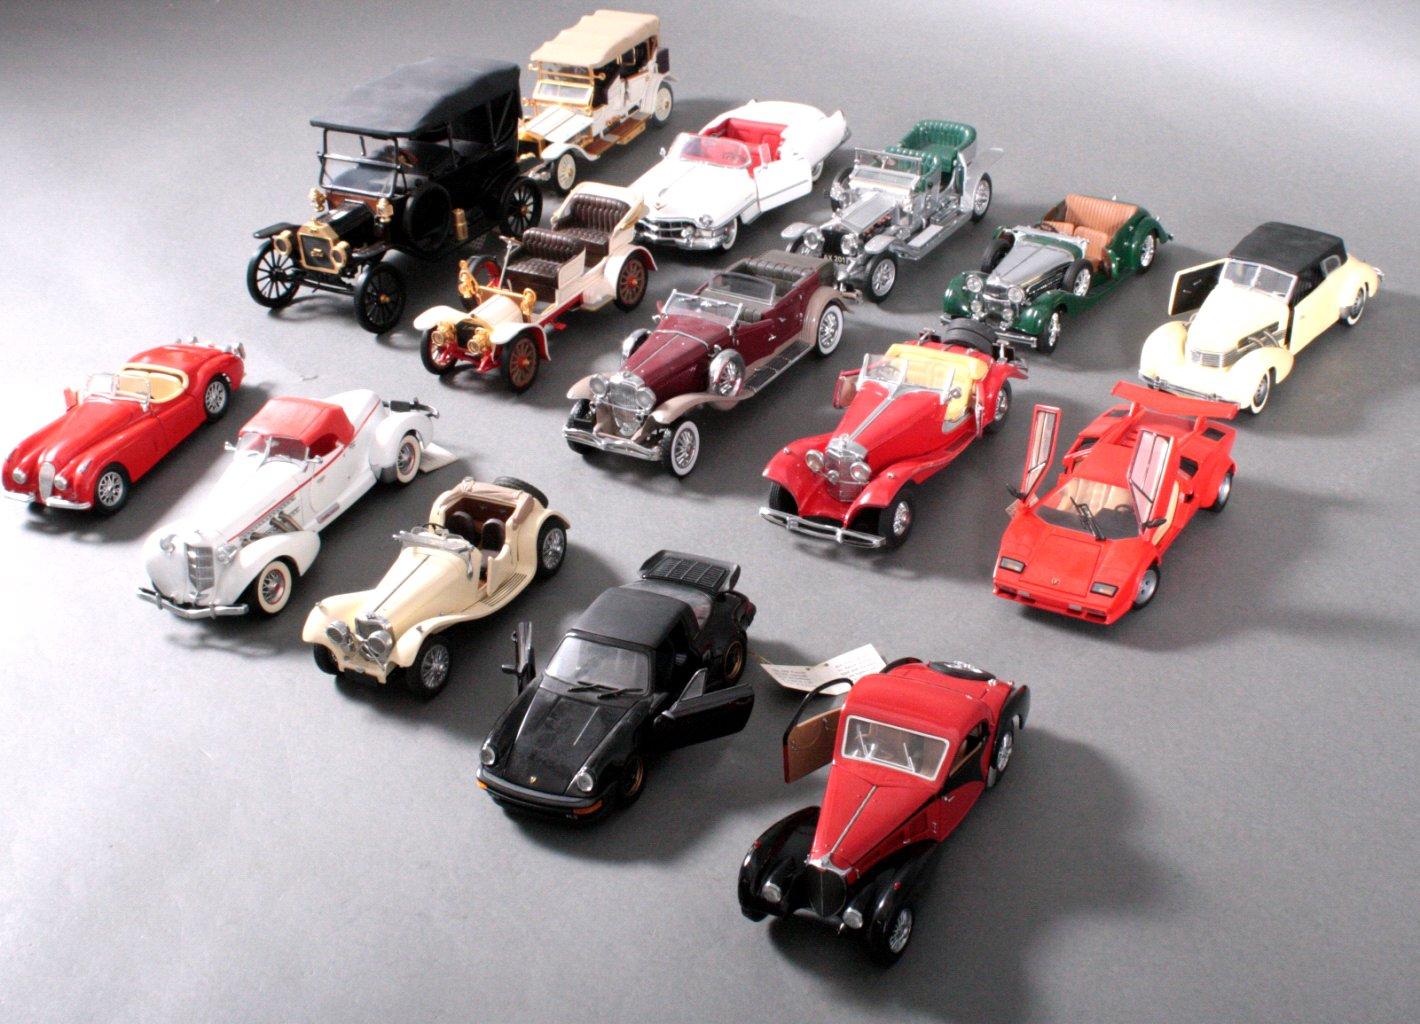 Sammlung Modellautos 1:24-2